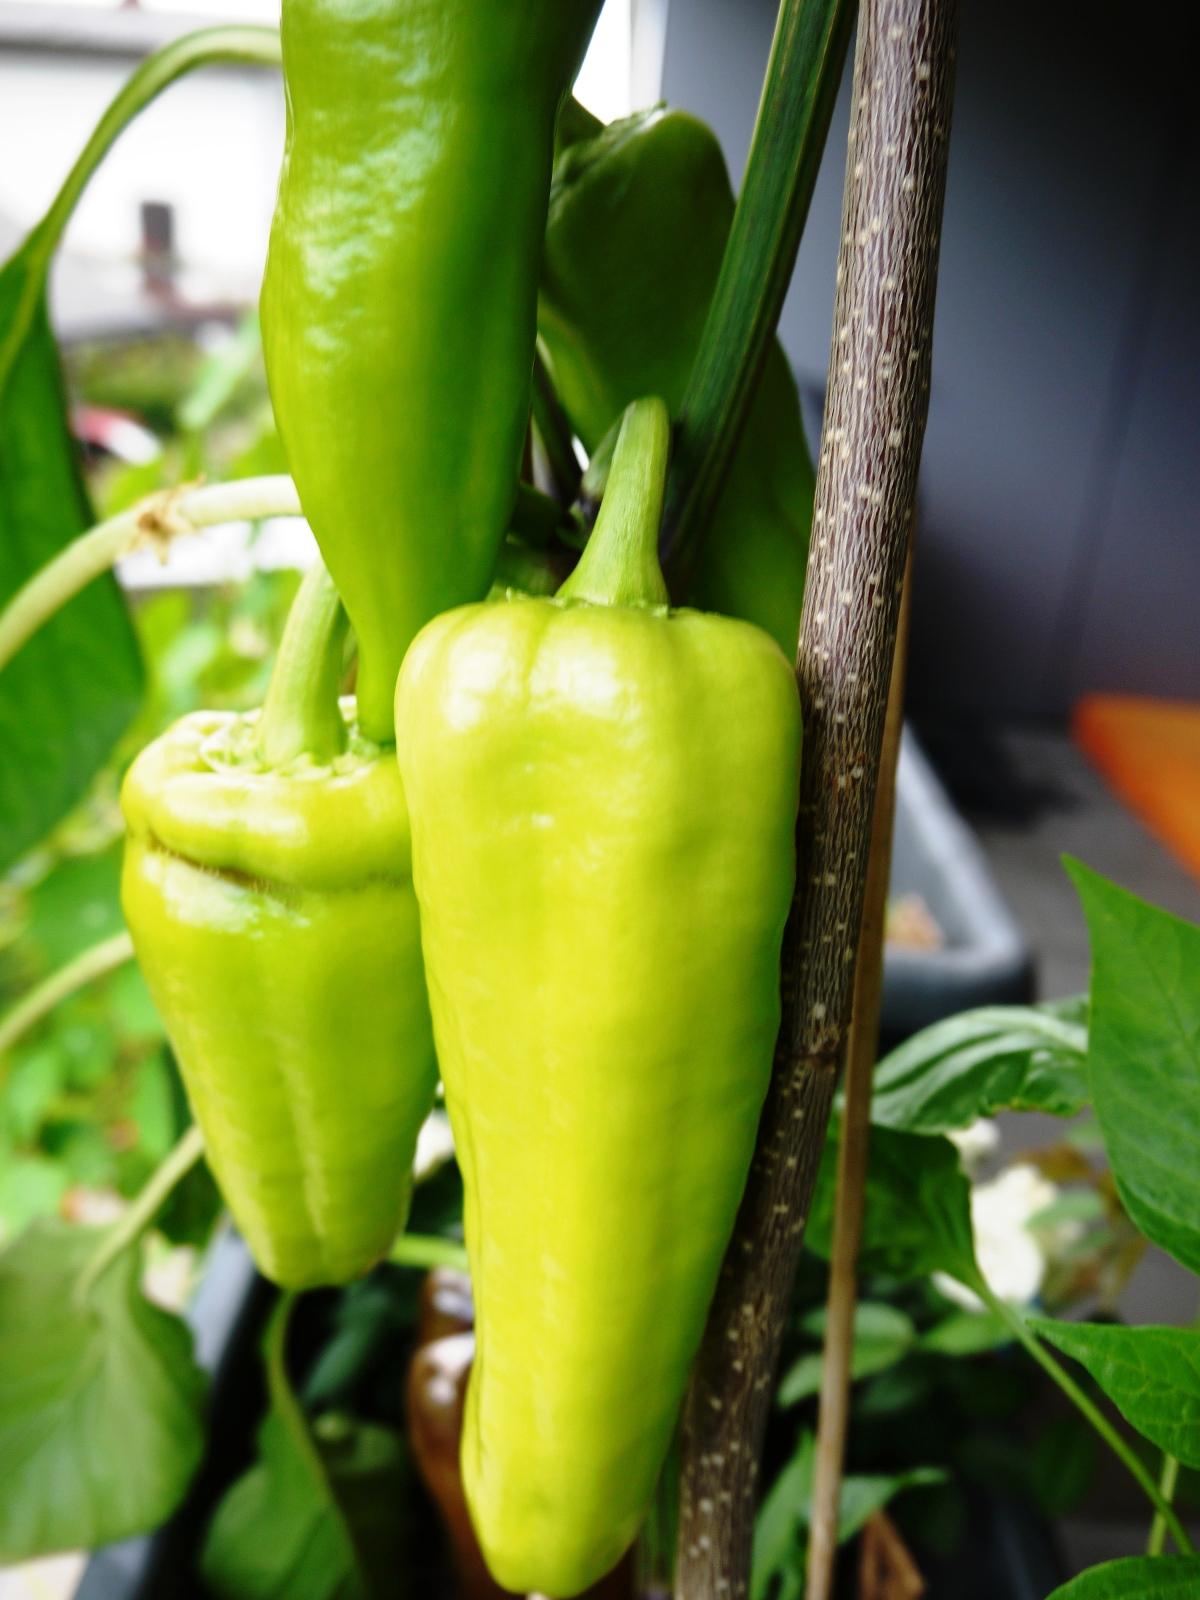 Paprika kannst du auch in der Wohnung großziehen. Sie lieben die Wärme. Paprikakern (samenfest) aufbewahren und losgehts.